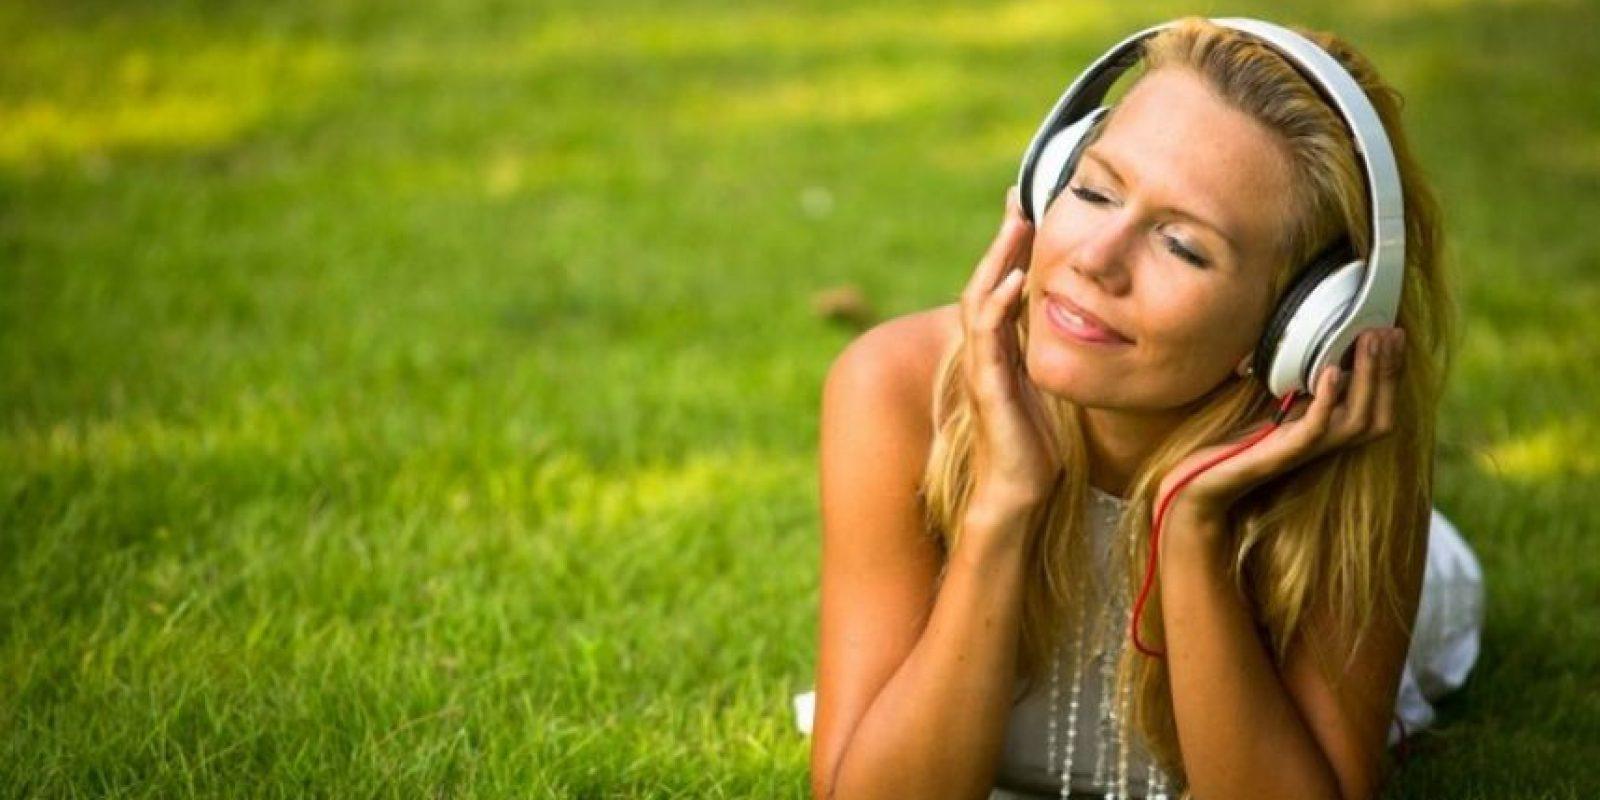 Estudios han demostrado que la música reduce los niveles de ansiedad y estrés, incluso más efectivamente que sedantes como el midazolam. Foto:Pixabay